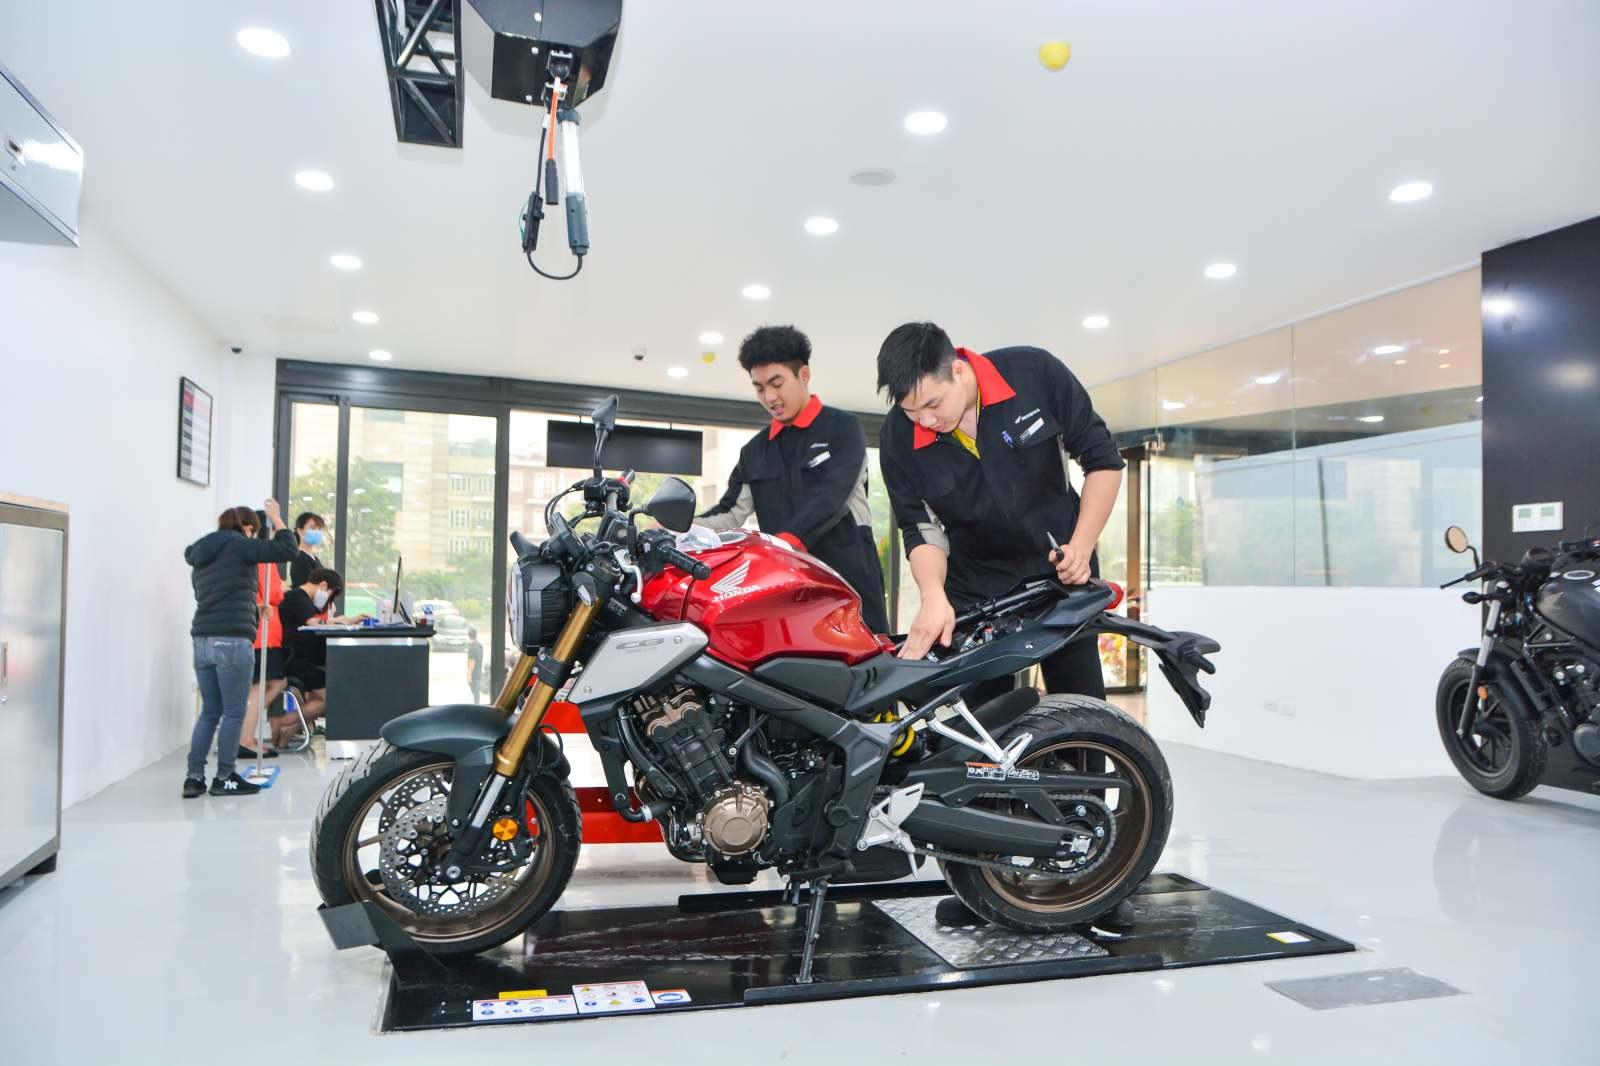 Honda khai trương cửa hàng xe phân khối lớn đầu tiên tại Hà Nội - 10